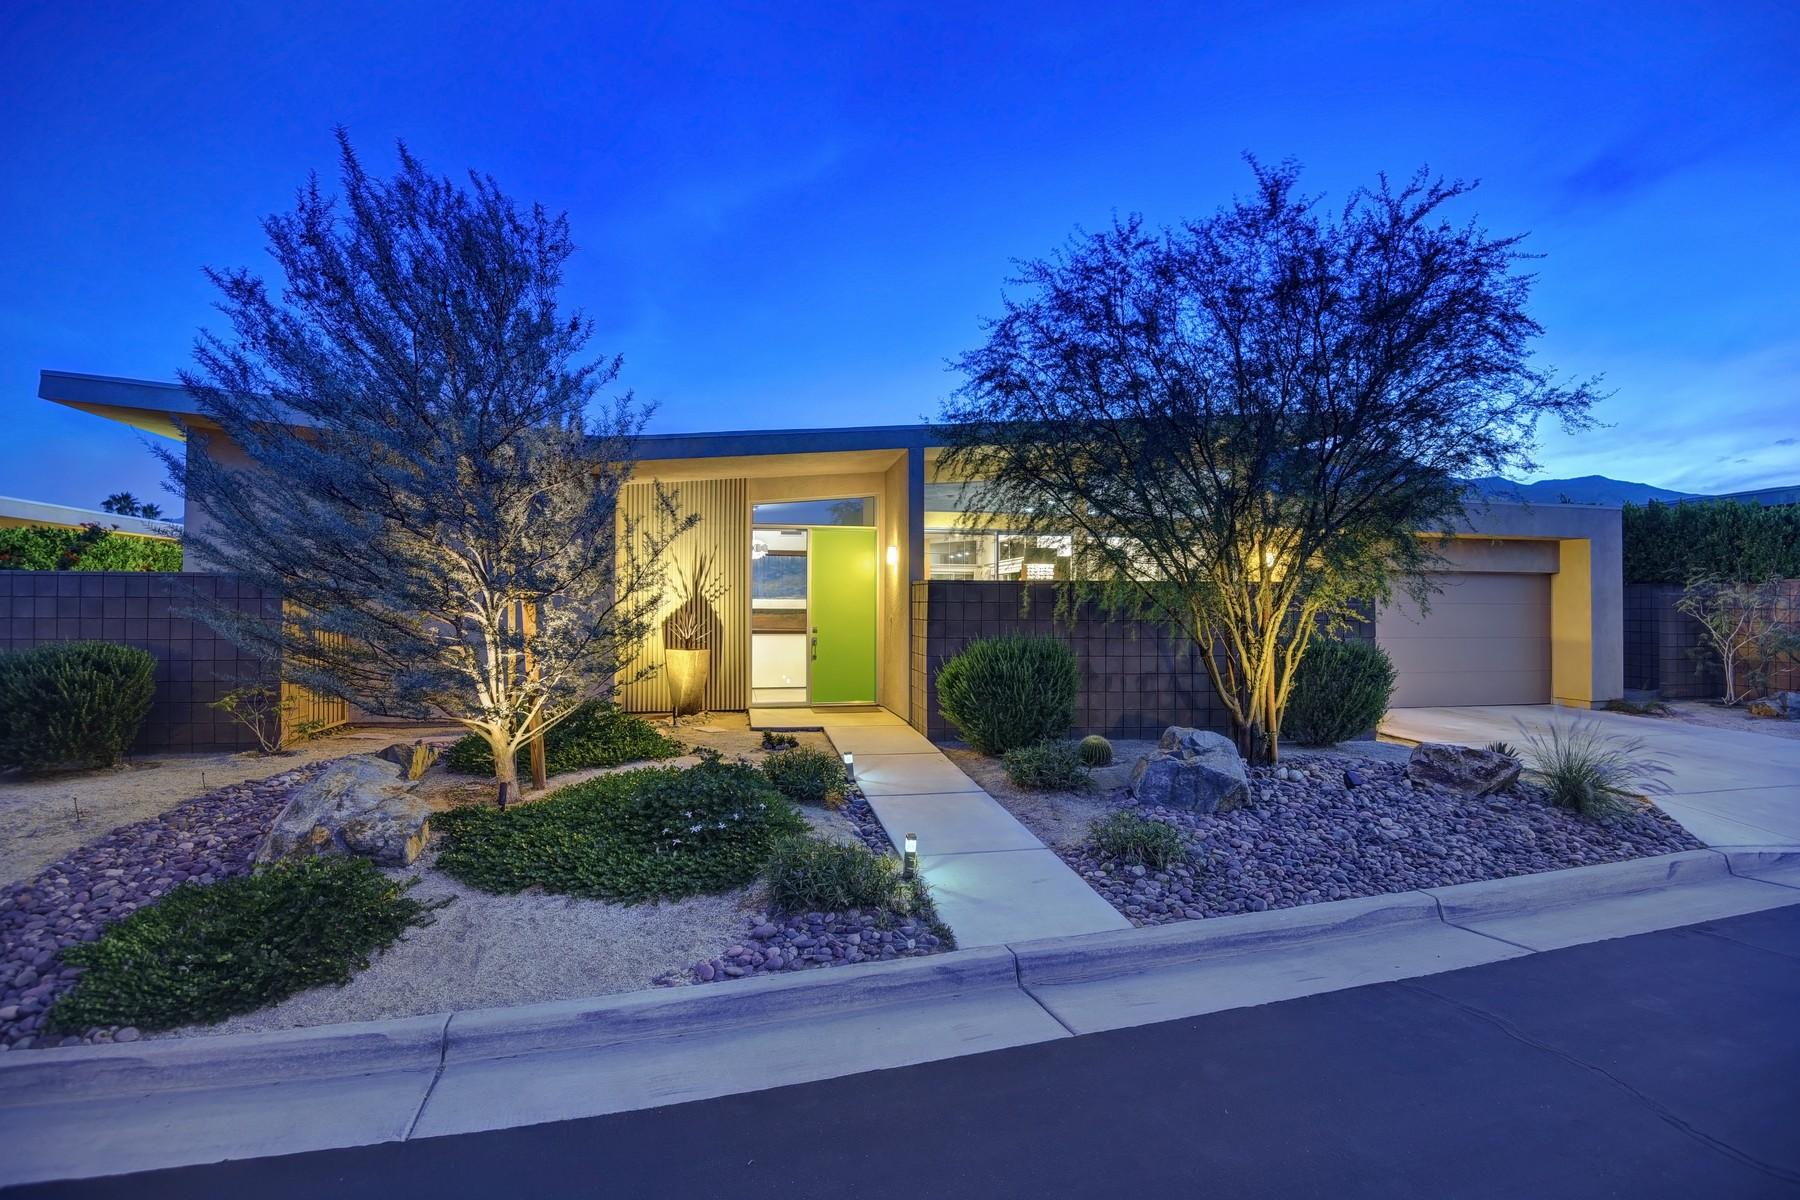 独户住宅 为 销售 在 2717 Alexander Club Drive 棕榈泉, 加利福尼亚州, 92262 美国